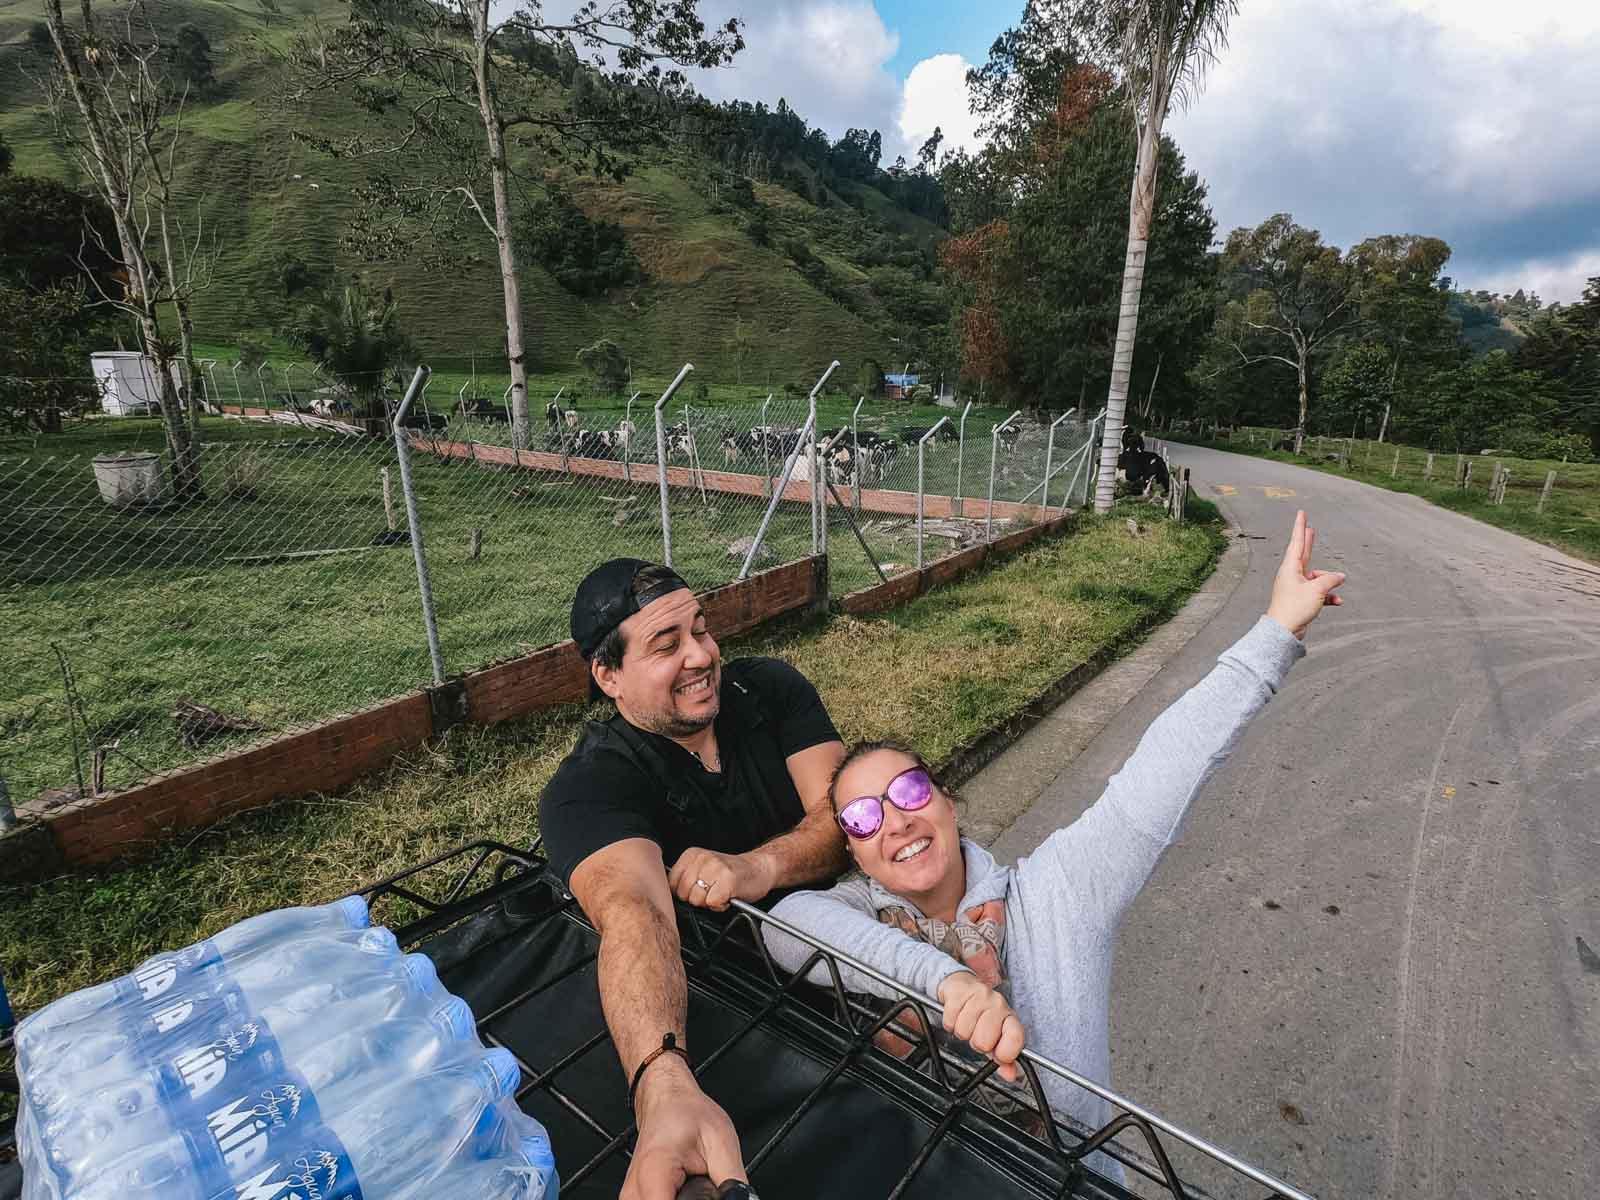 Nos folies, notre complicité et notre mode de vie de vivre et de voyager en couple, est notre plus belle décision. Photo prise  en Colombie pendant le transport en Taxi vers la vallée de Cocora.